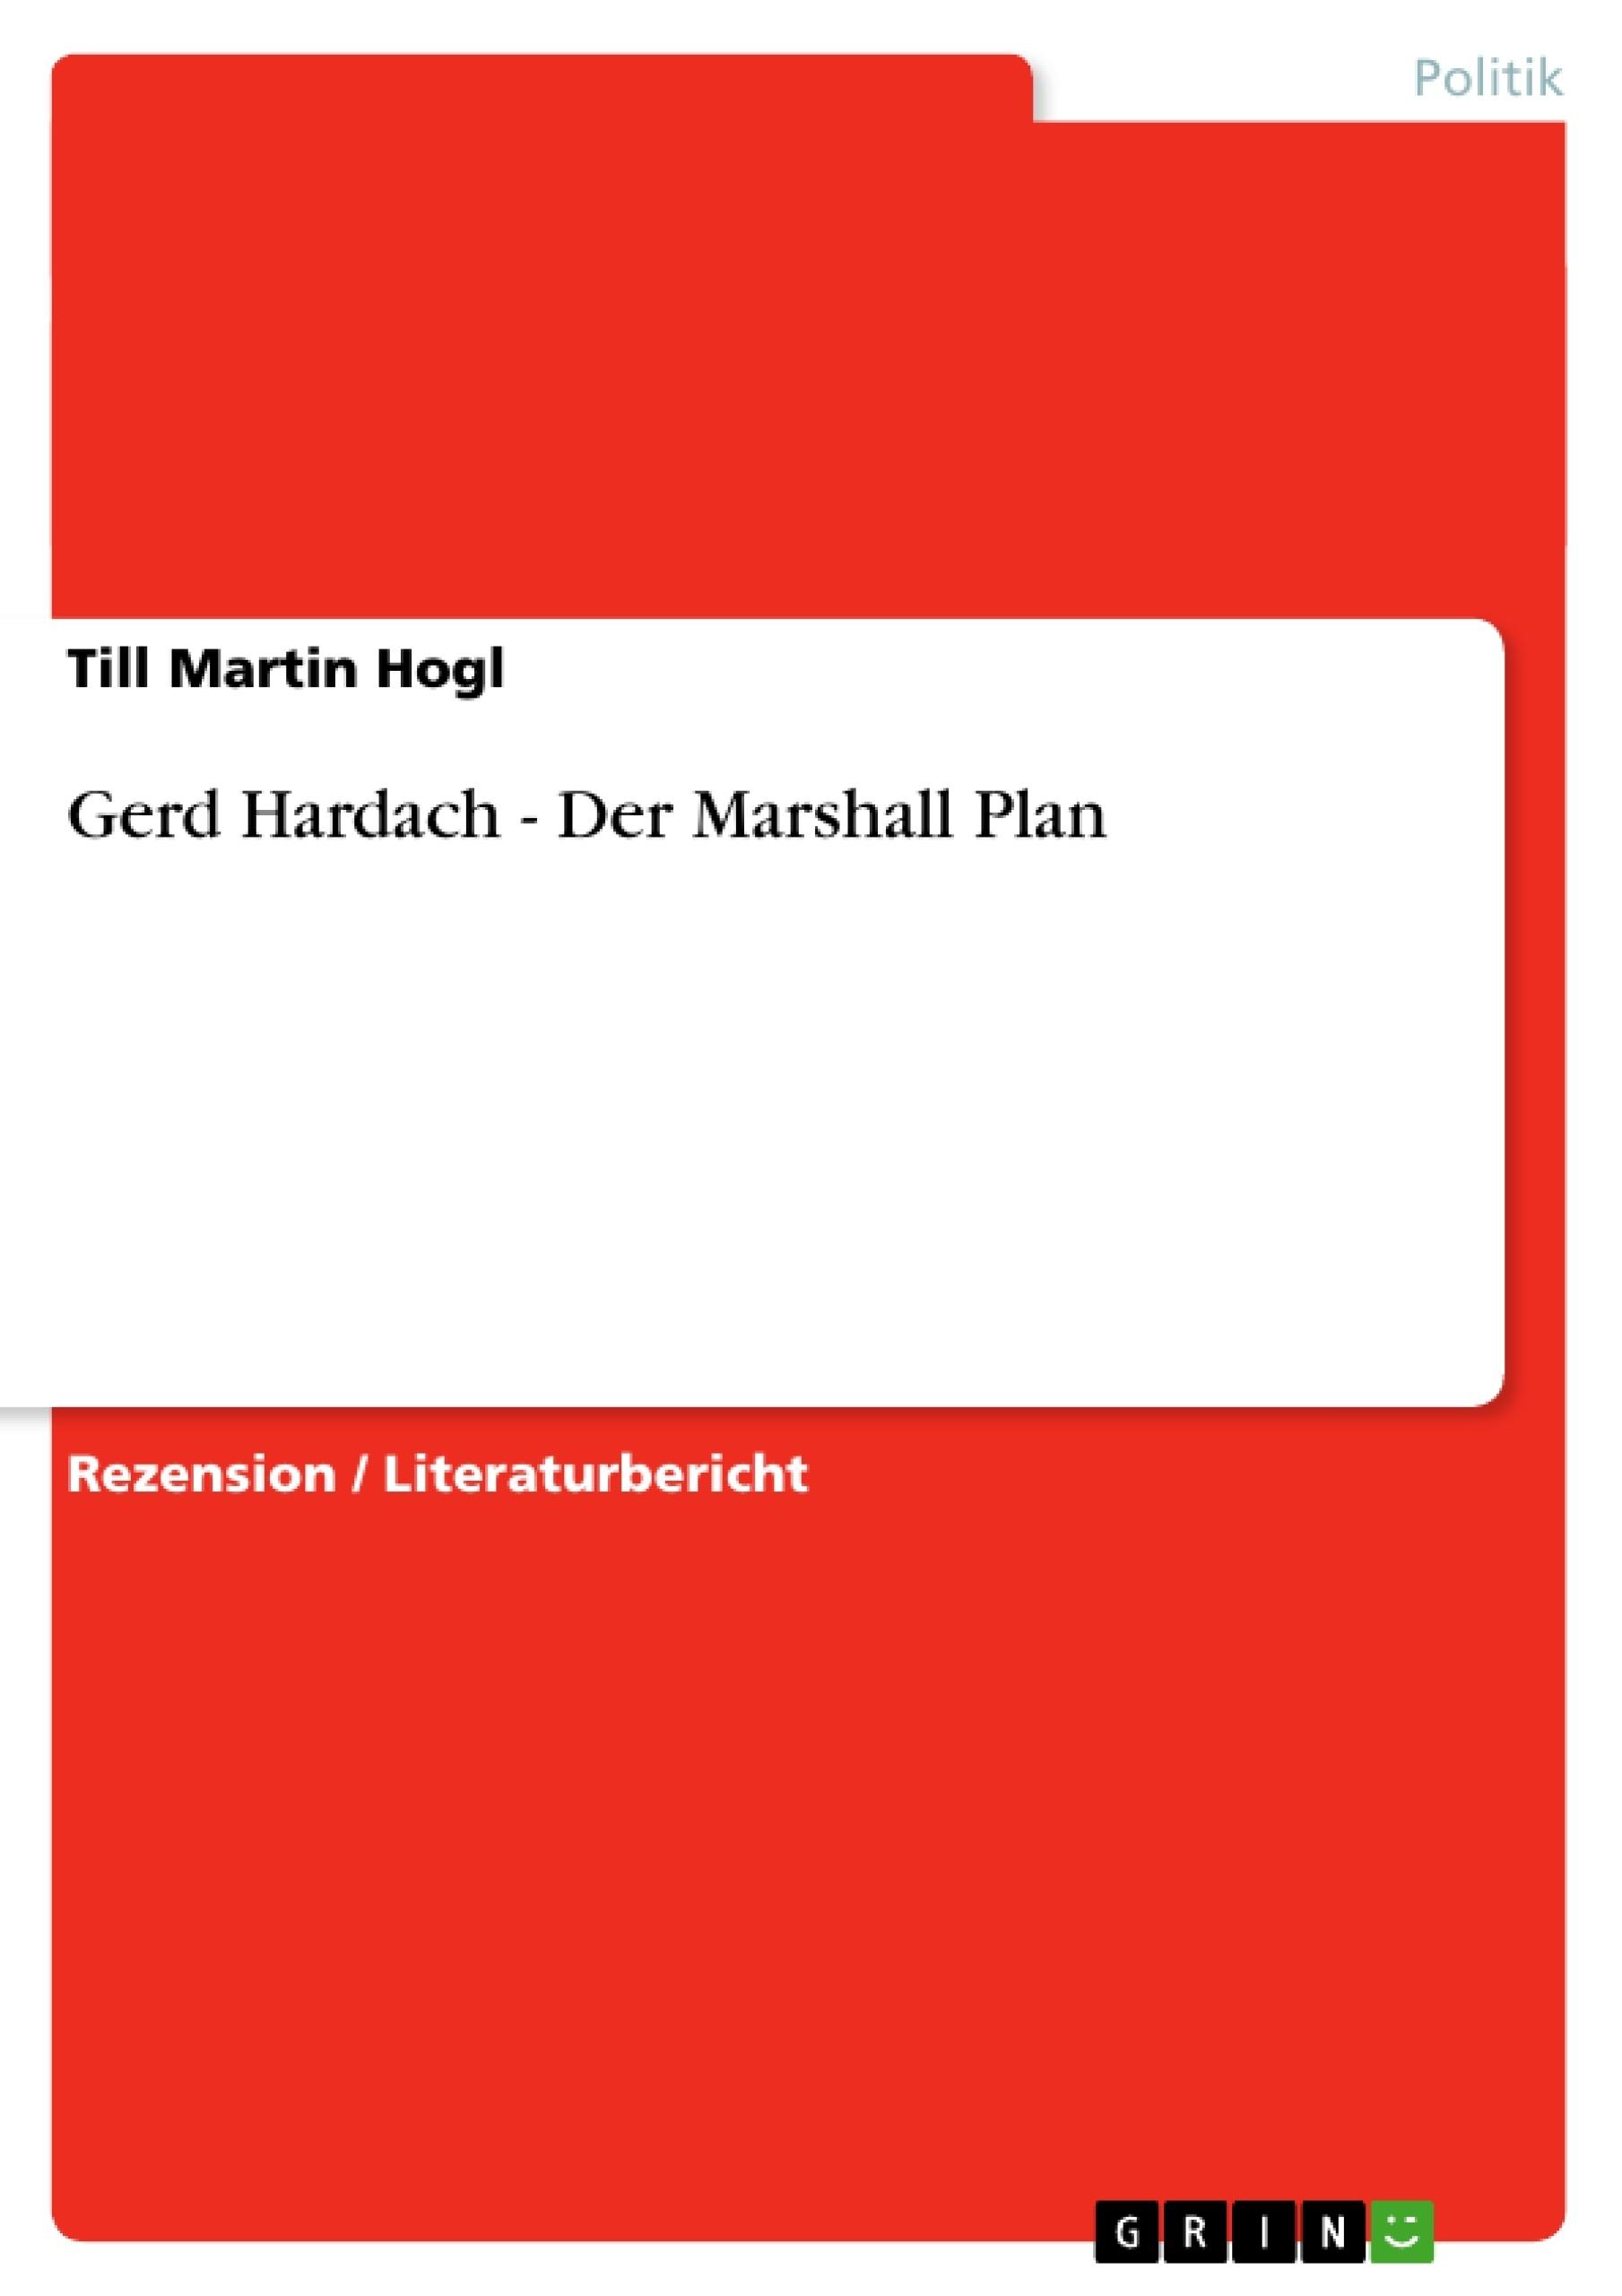 Titel: Gerd Hardach - Der Marshall Plan